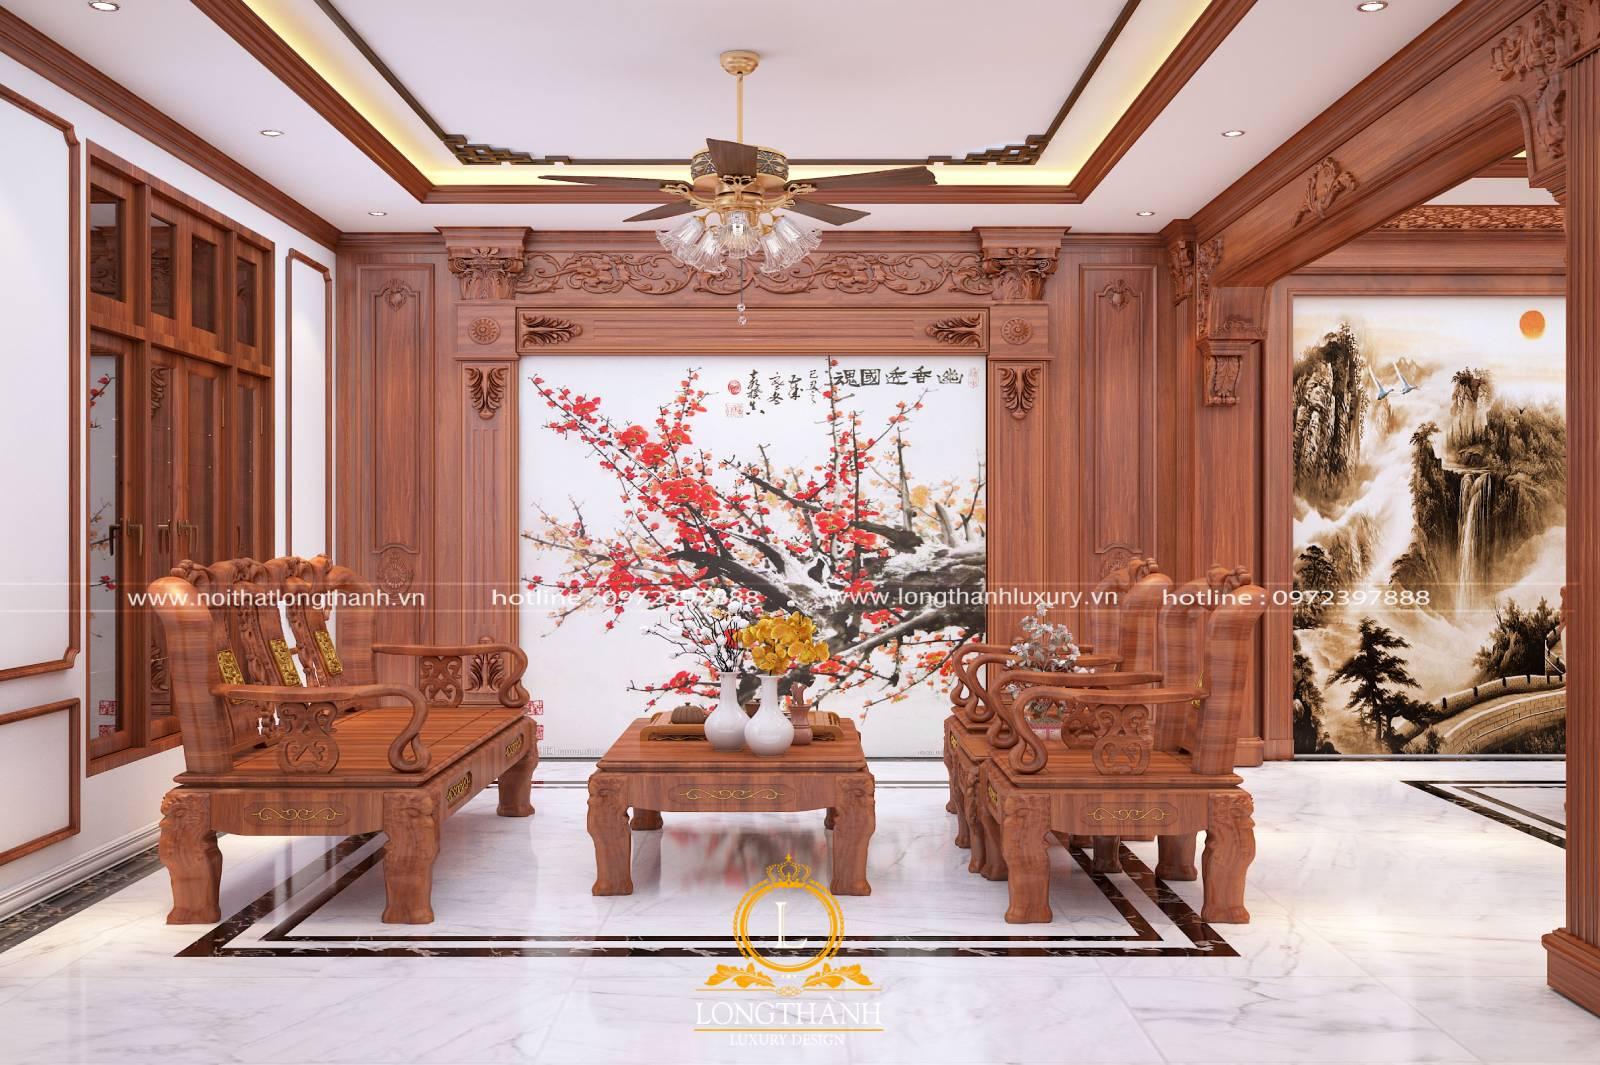 Bàn ghế phòng khách được làm từ gỗ sồi tự nhiên cao cấp